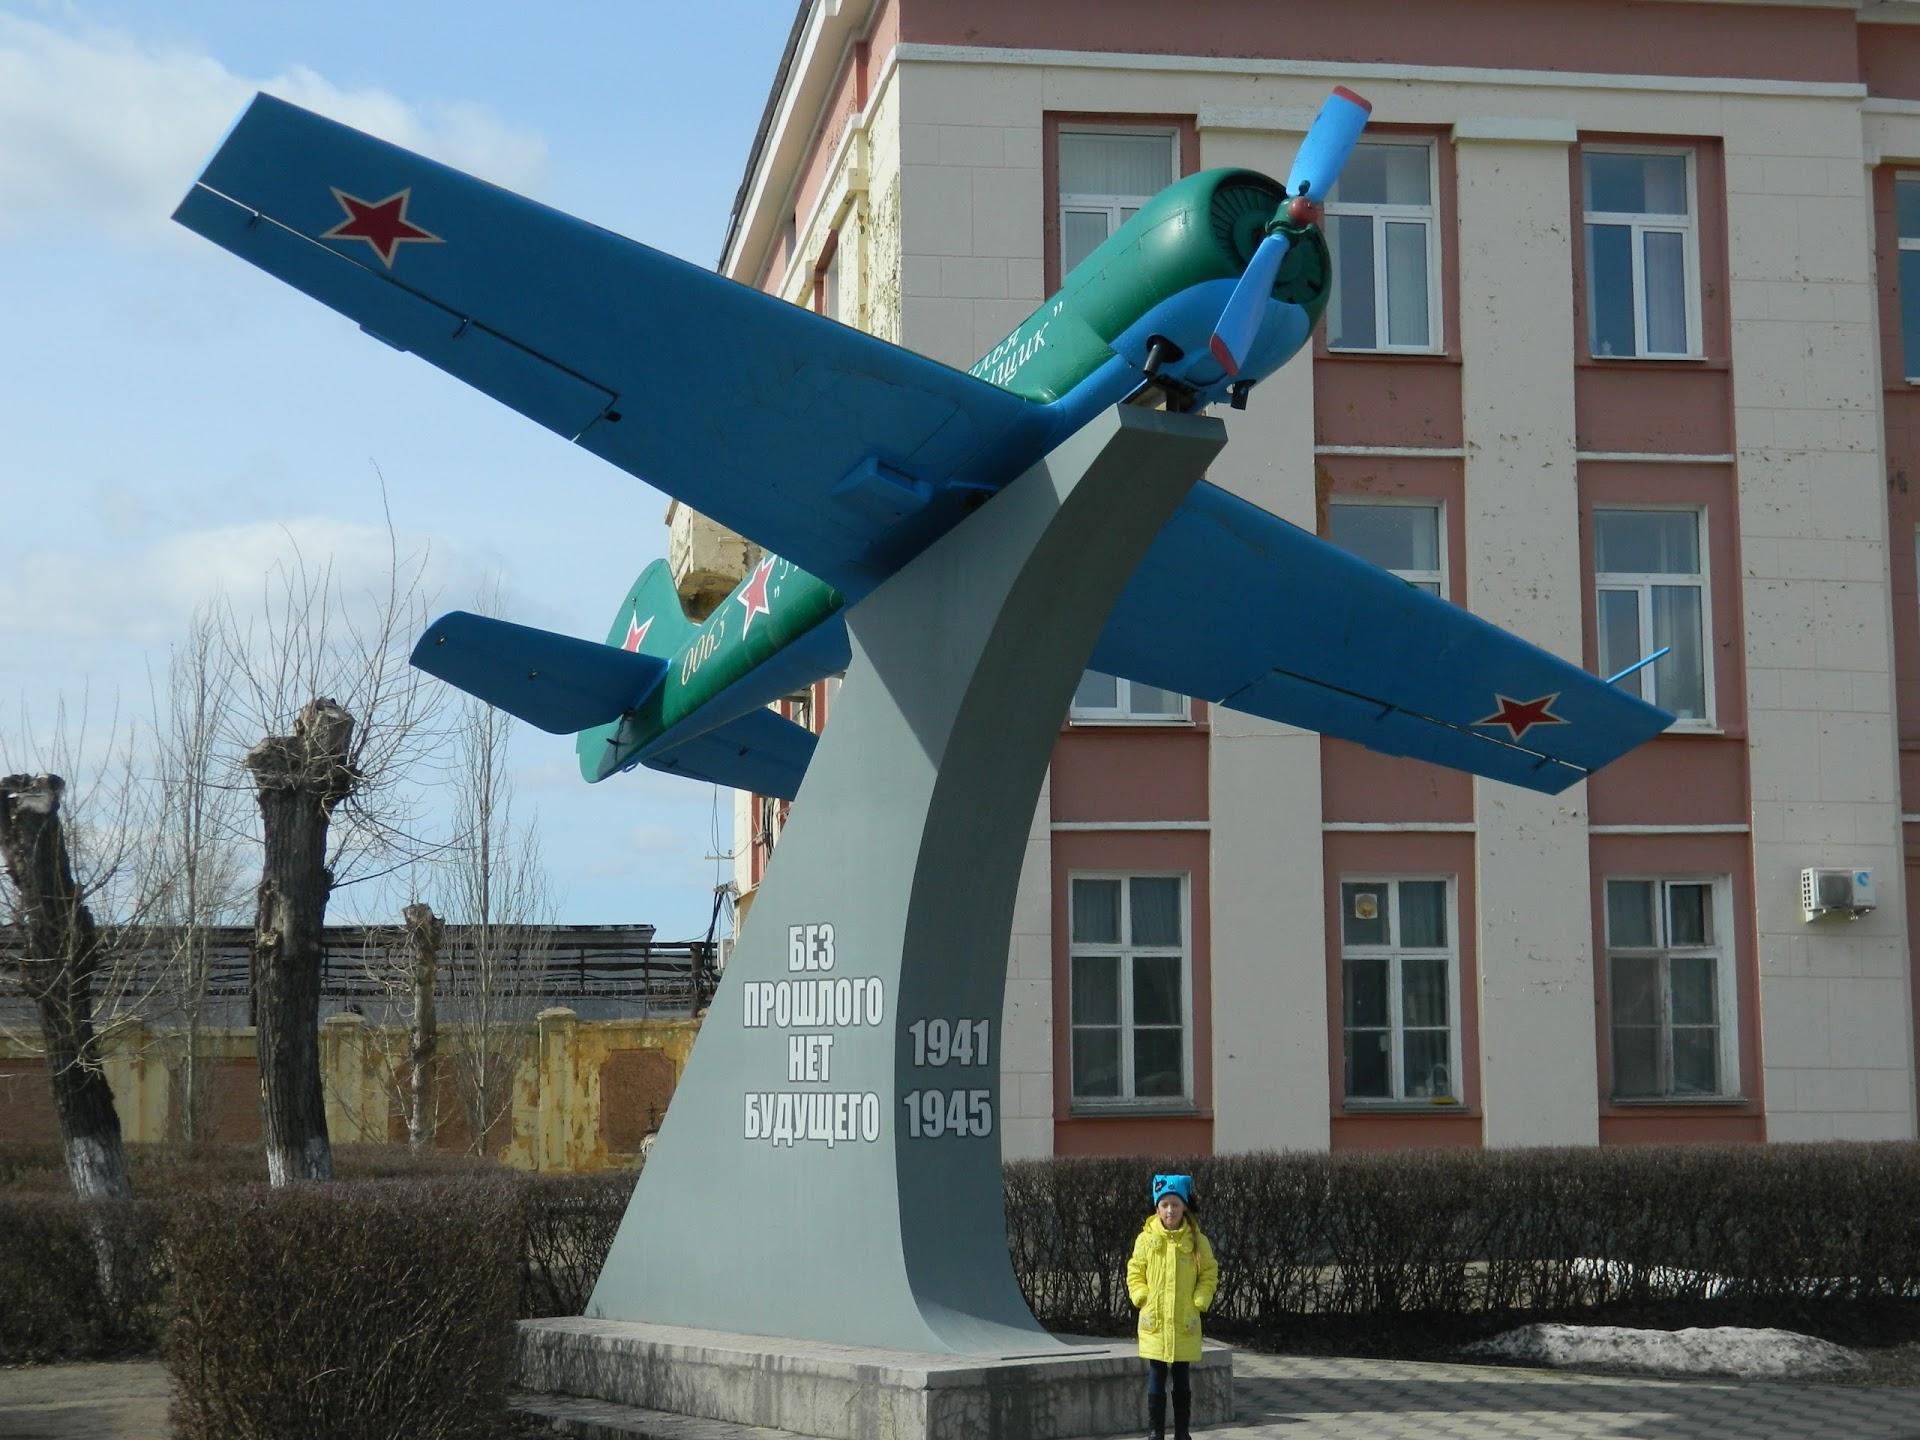 Naam: Yak 50 - Kamensk-Uralski..JPG Bekeken: 387 Grootte: 423,3 KB